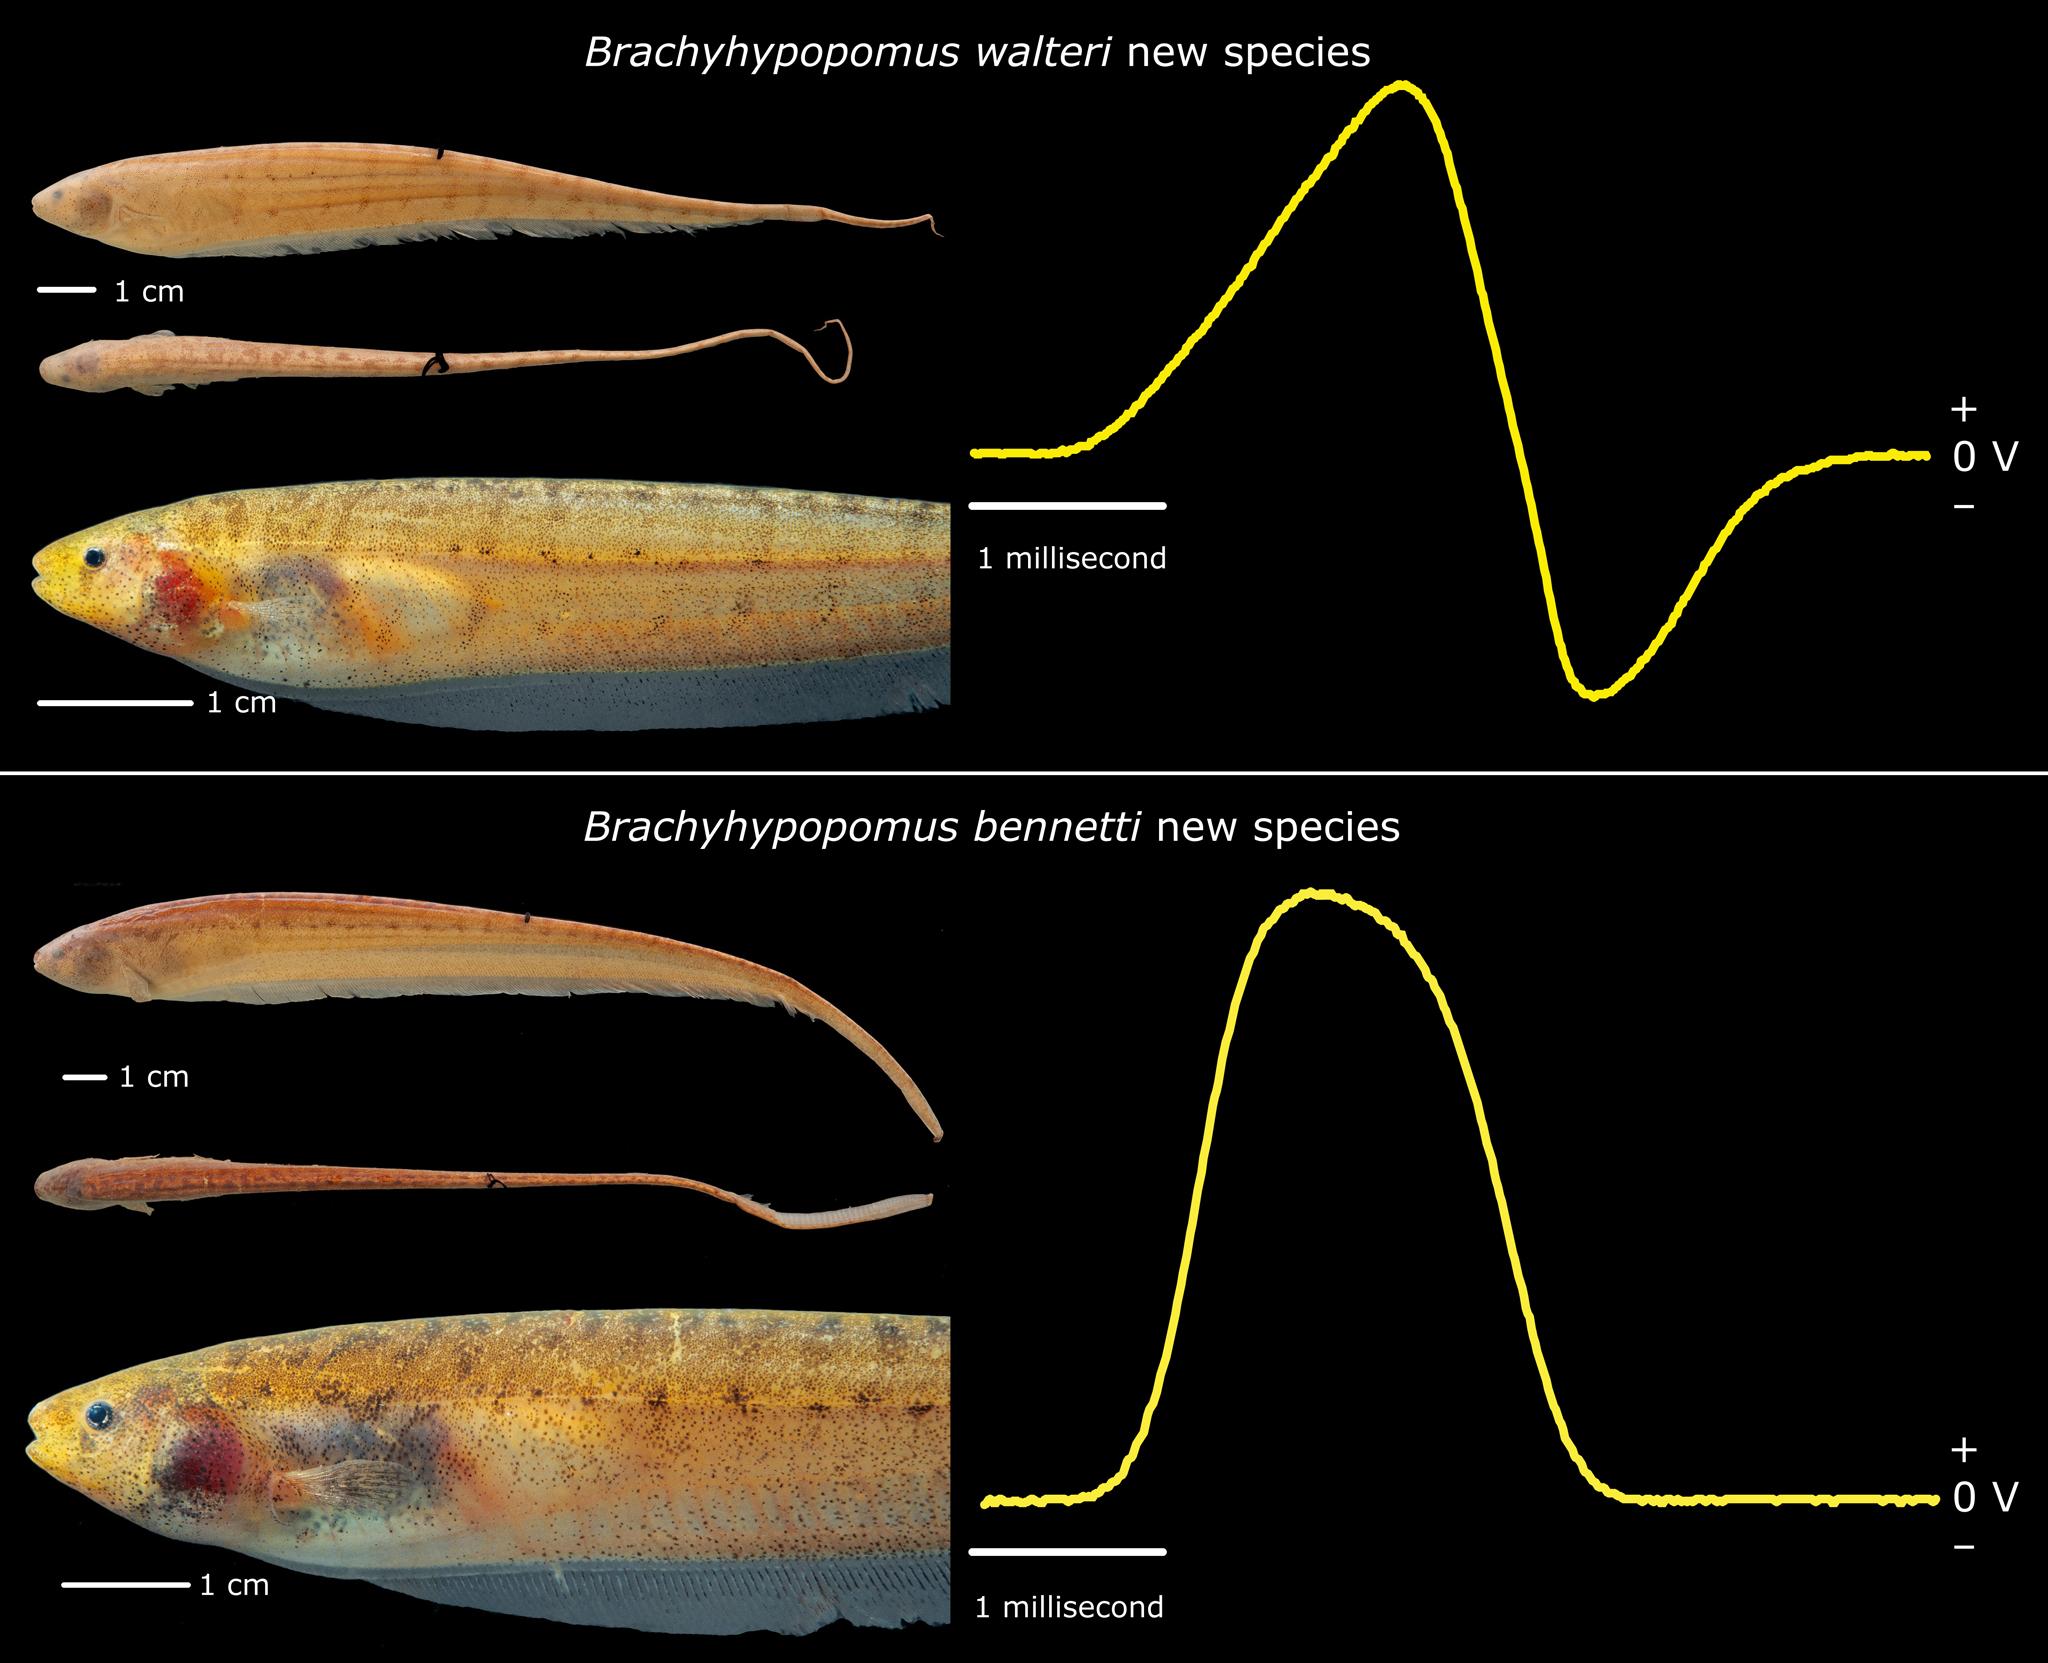 El misterio del pez eléctrico monofásico*